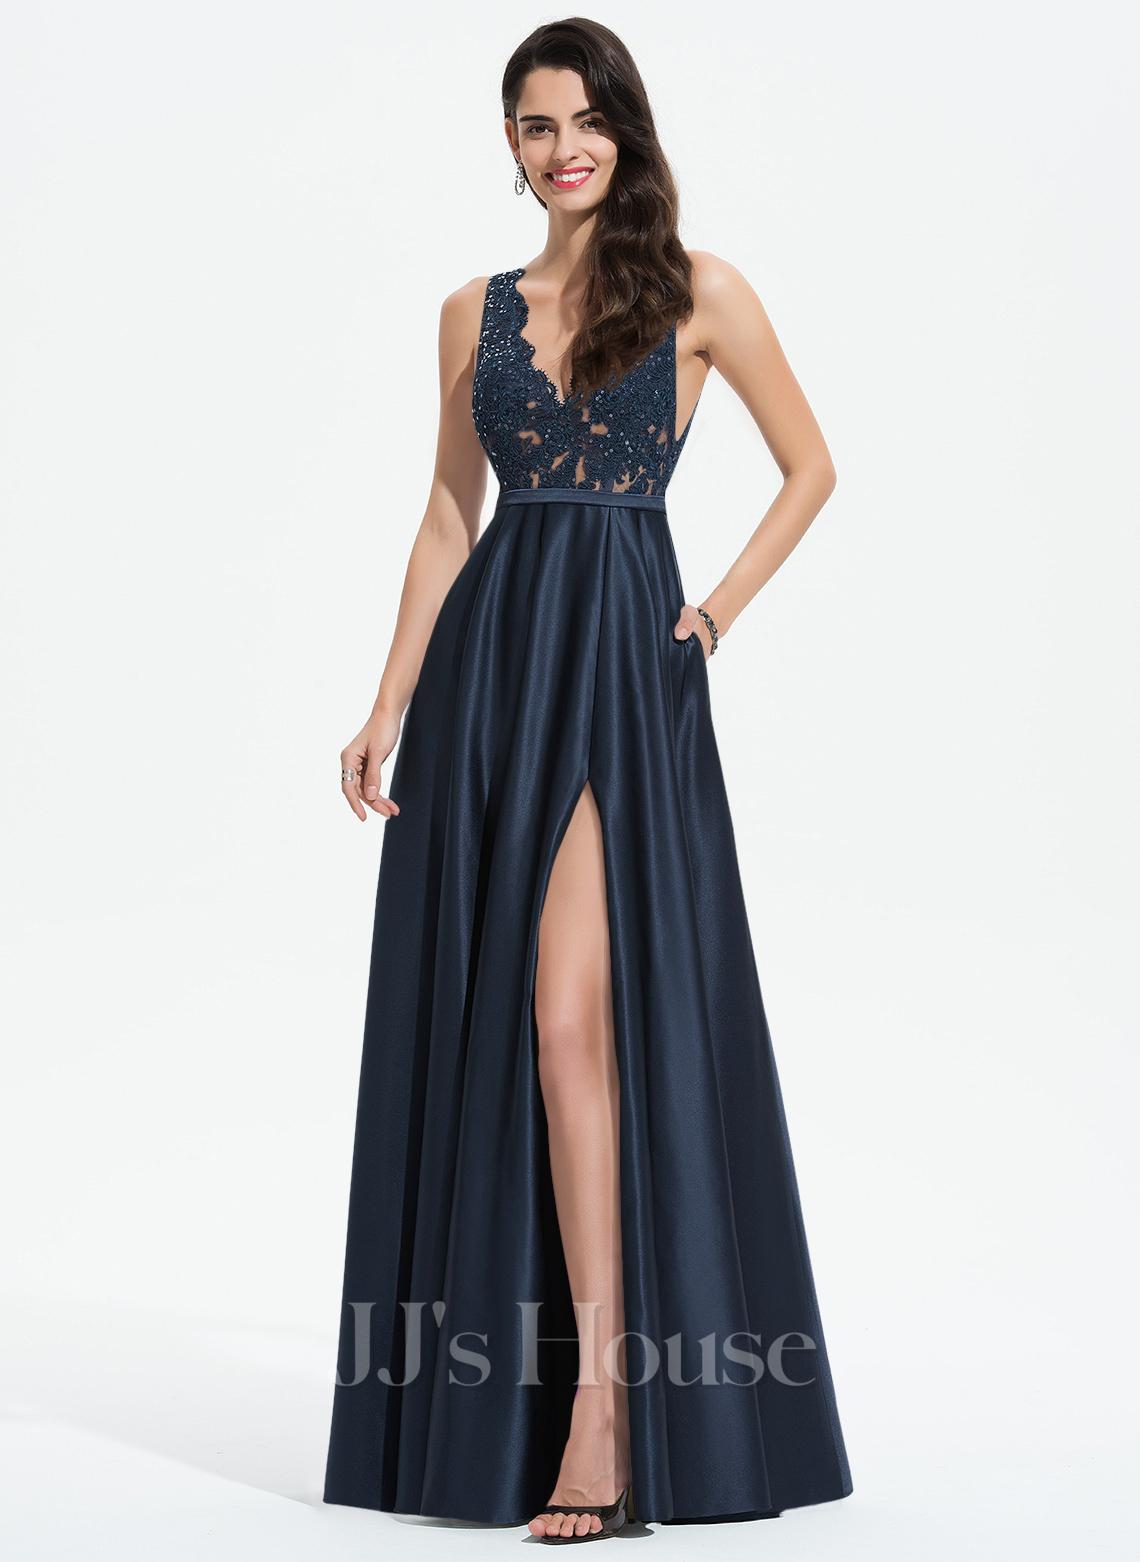 A-Line V-neck Floor-Length Satin Evening Dress With Lace Sequins Split Front Pockets